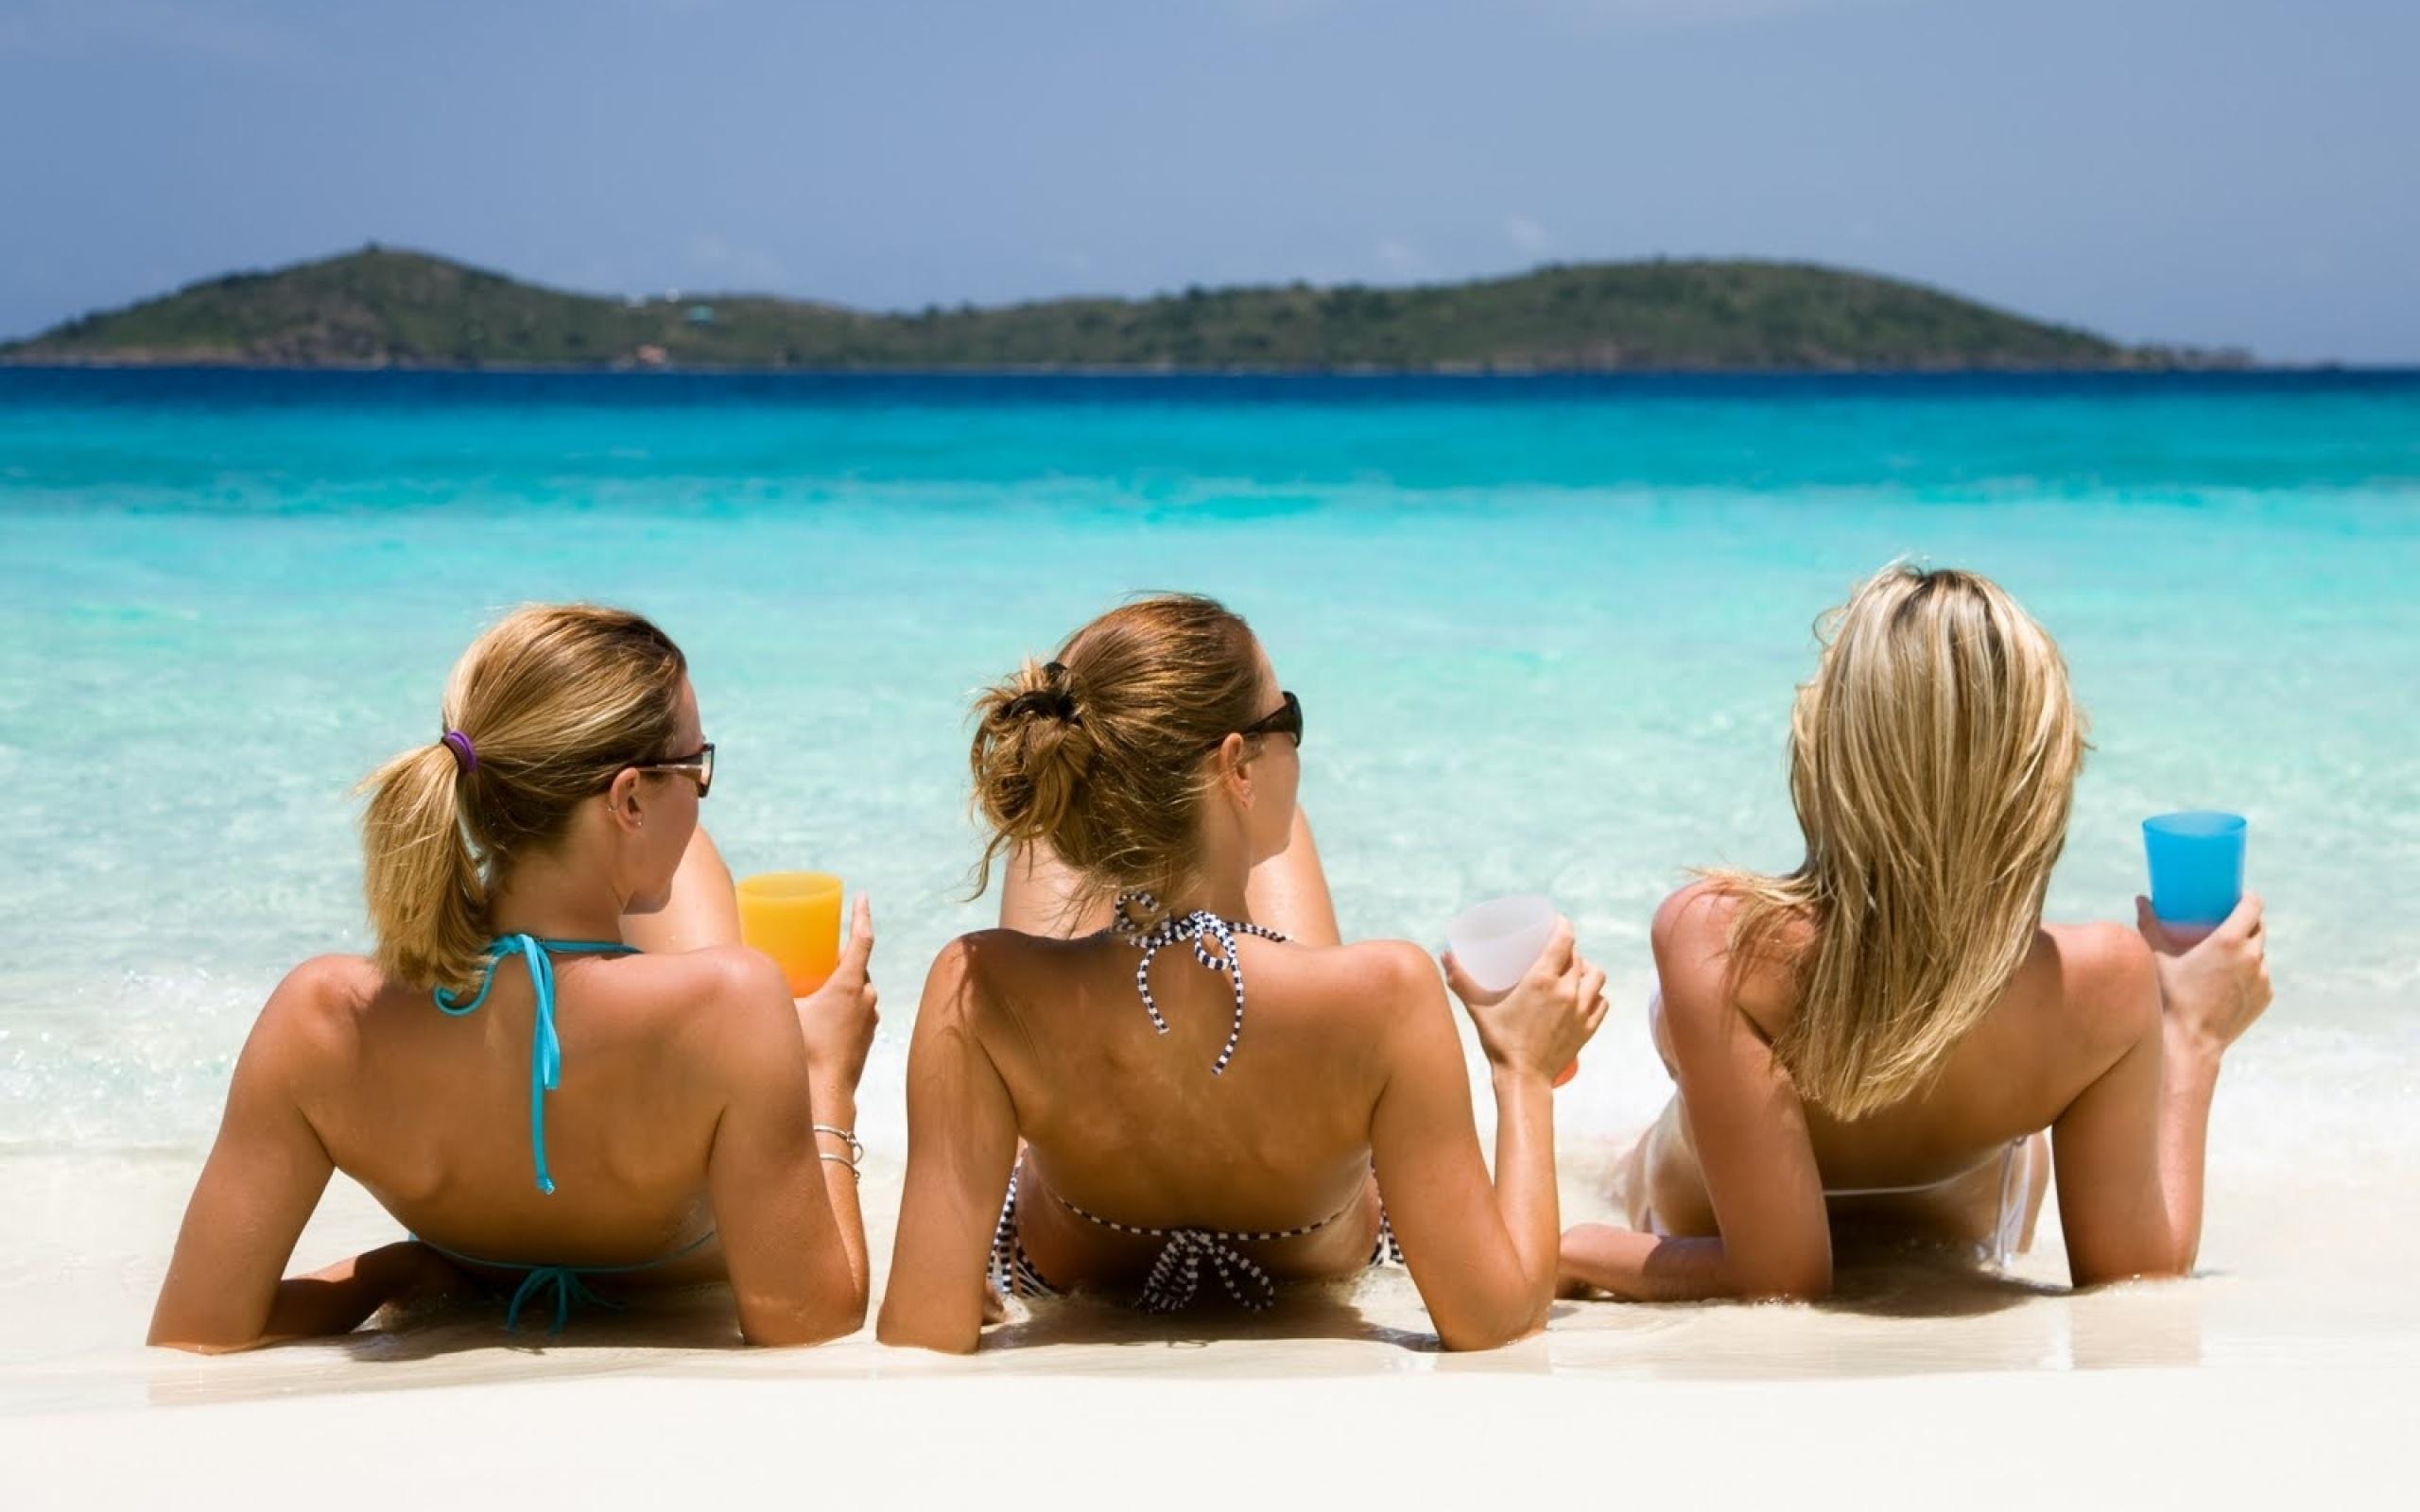 Бойфренды фотографируют подружек отдыхая у моря  230737